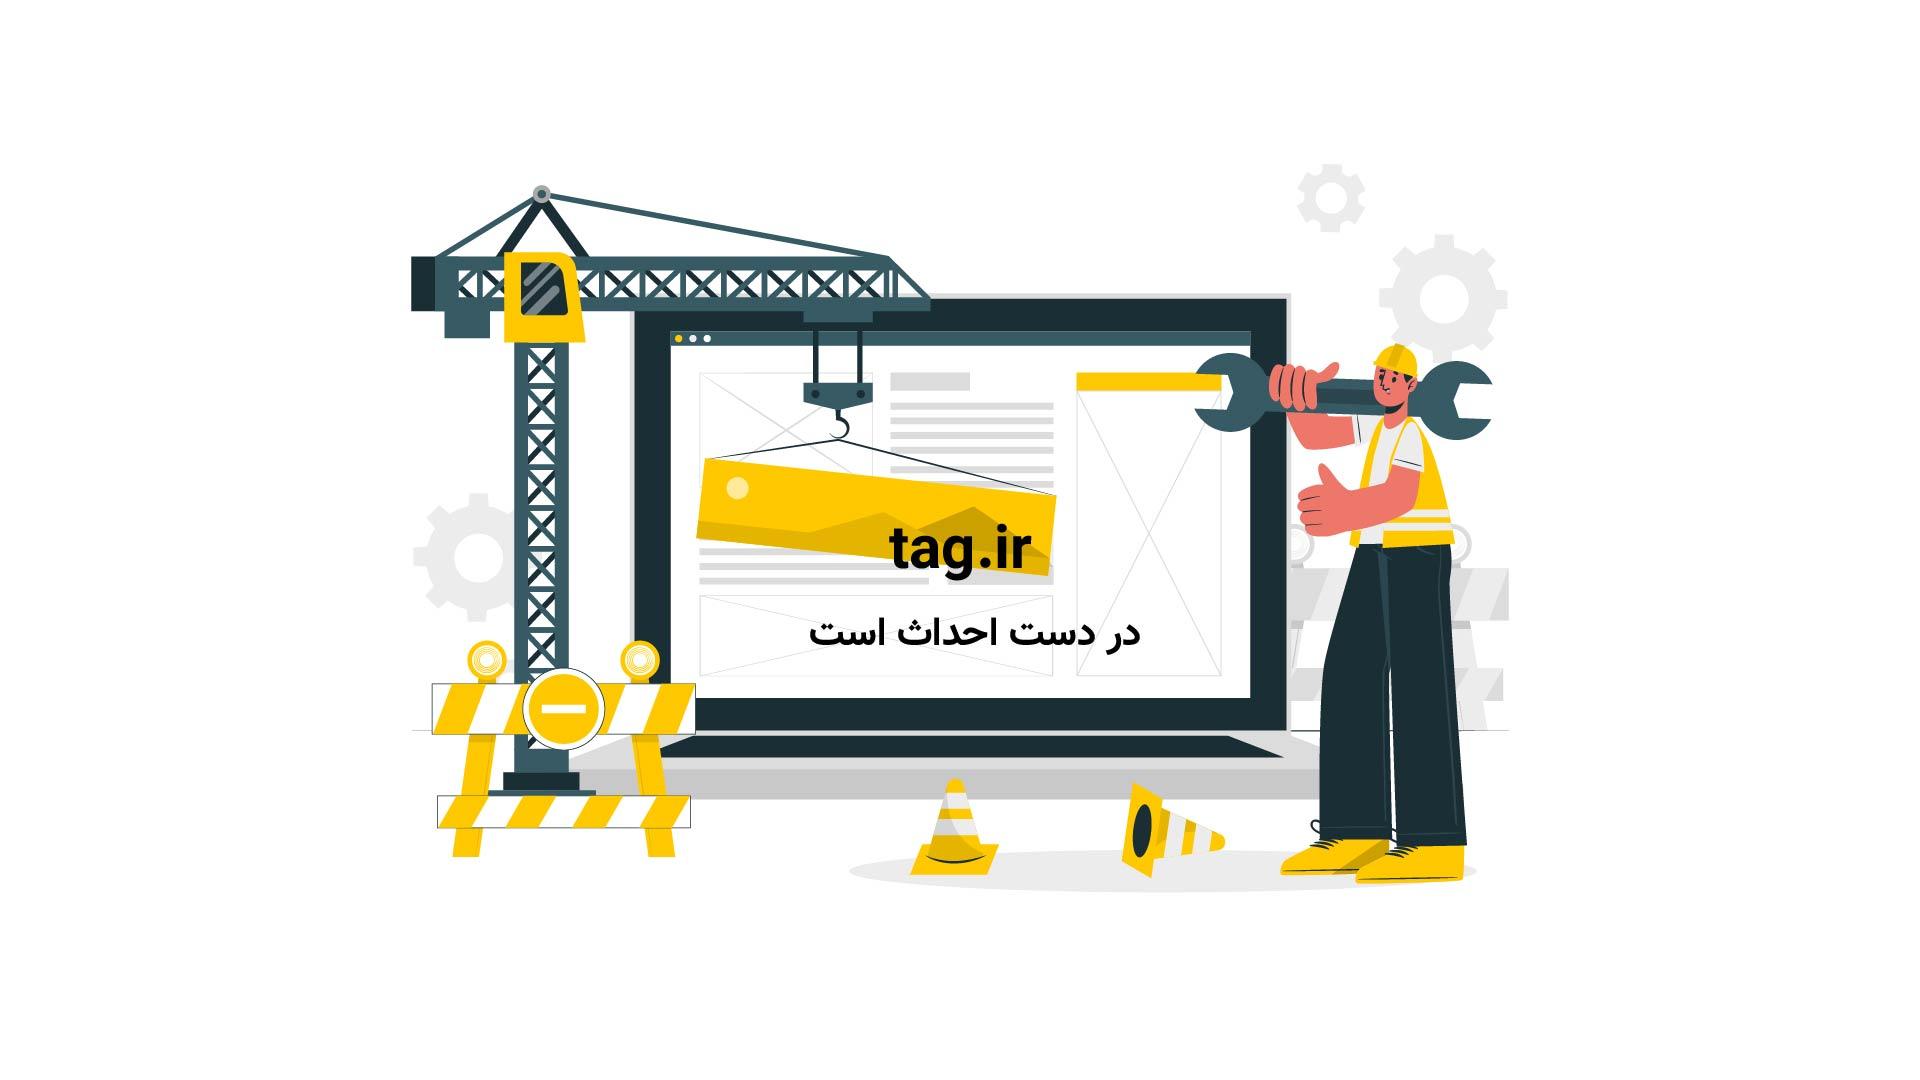 جنگل آمازون | تگ